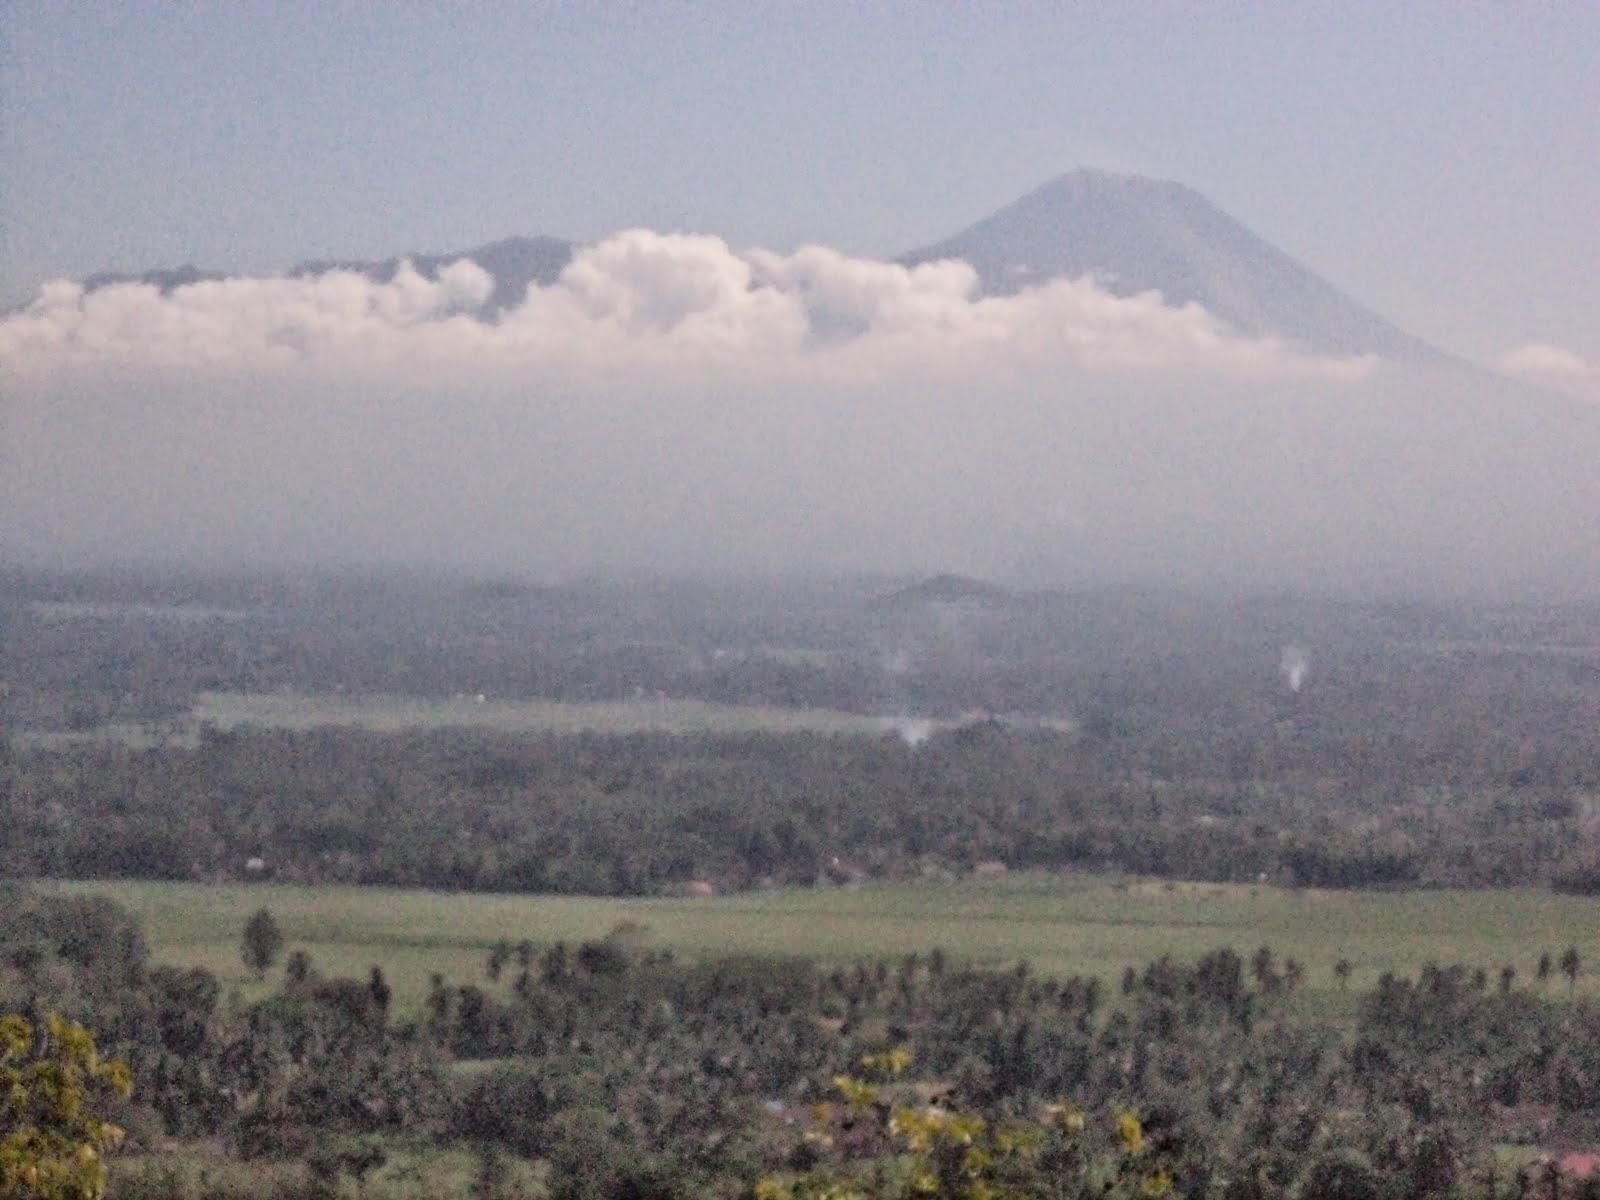 Gunung Geger